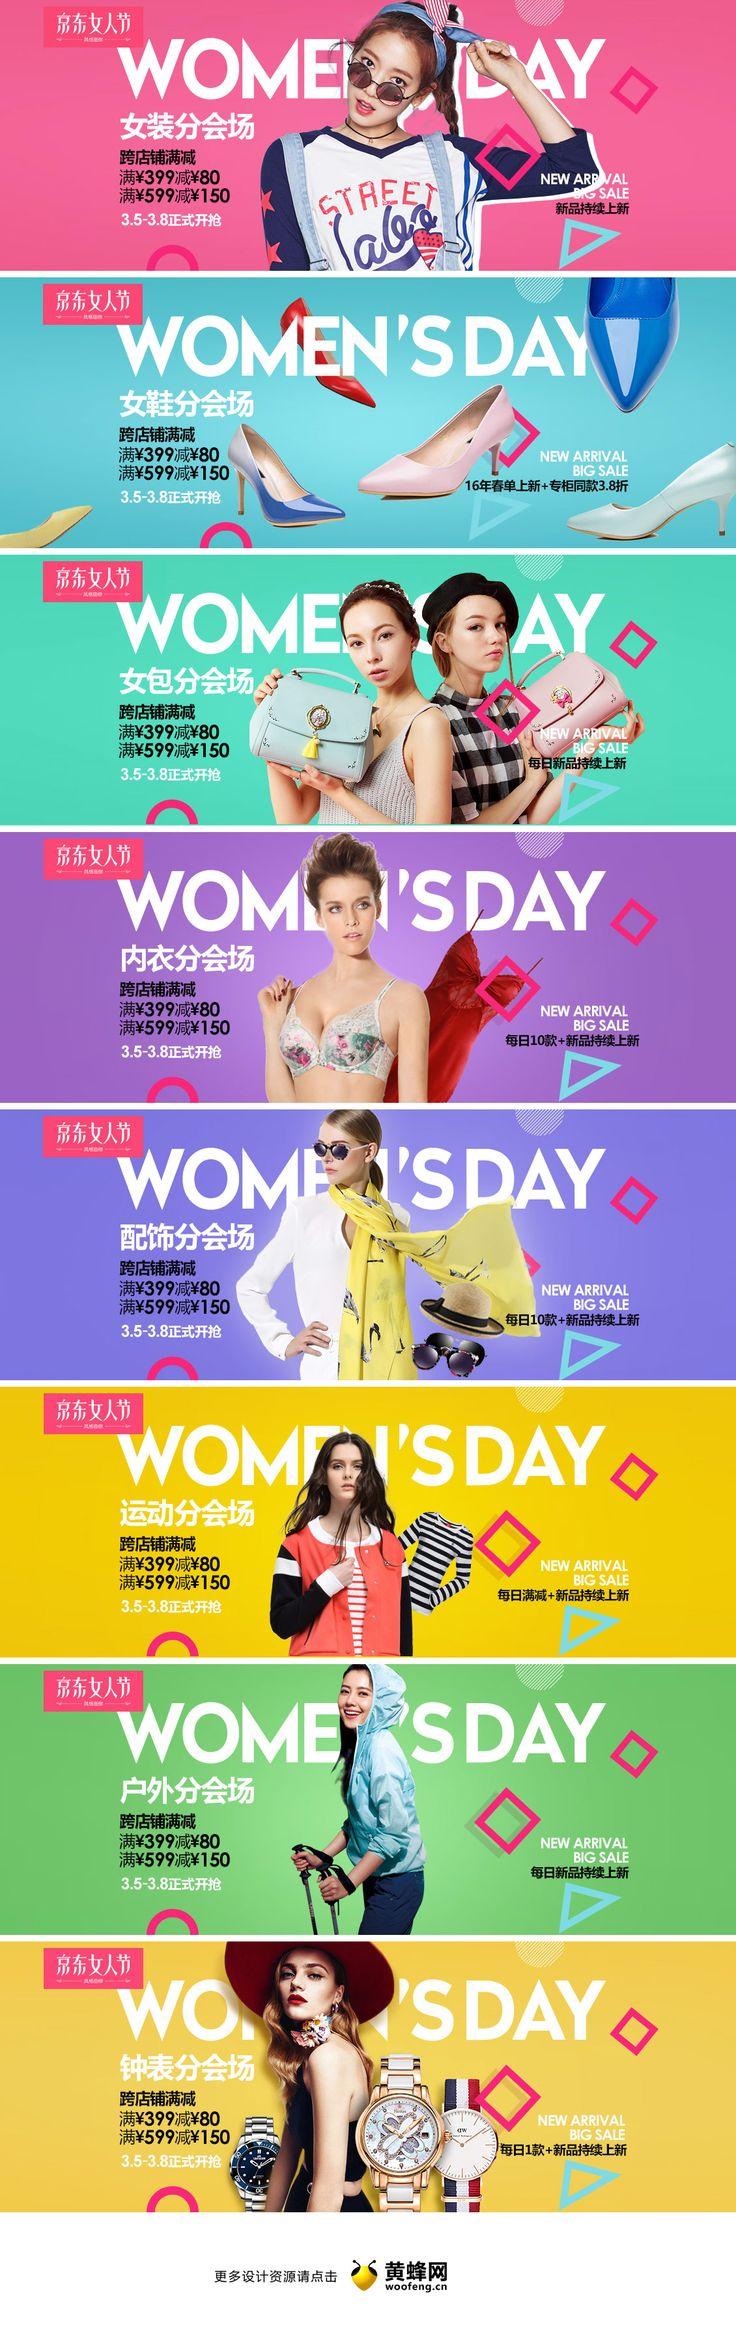 京东女人节分会场头图banner设计,来源自黄蜂网http://woofeng.cn/